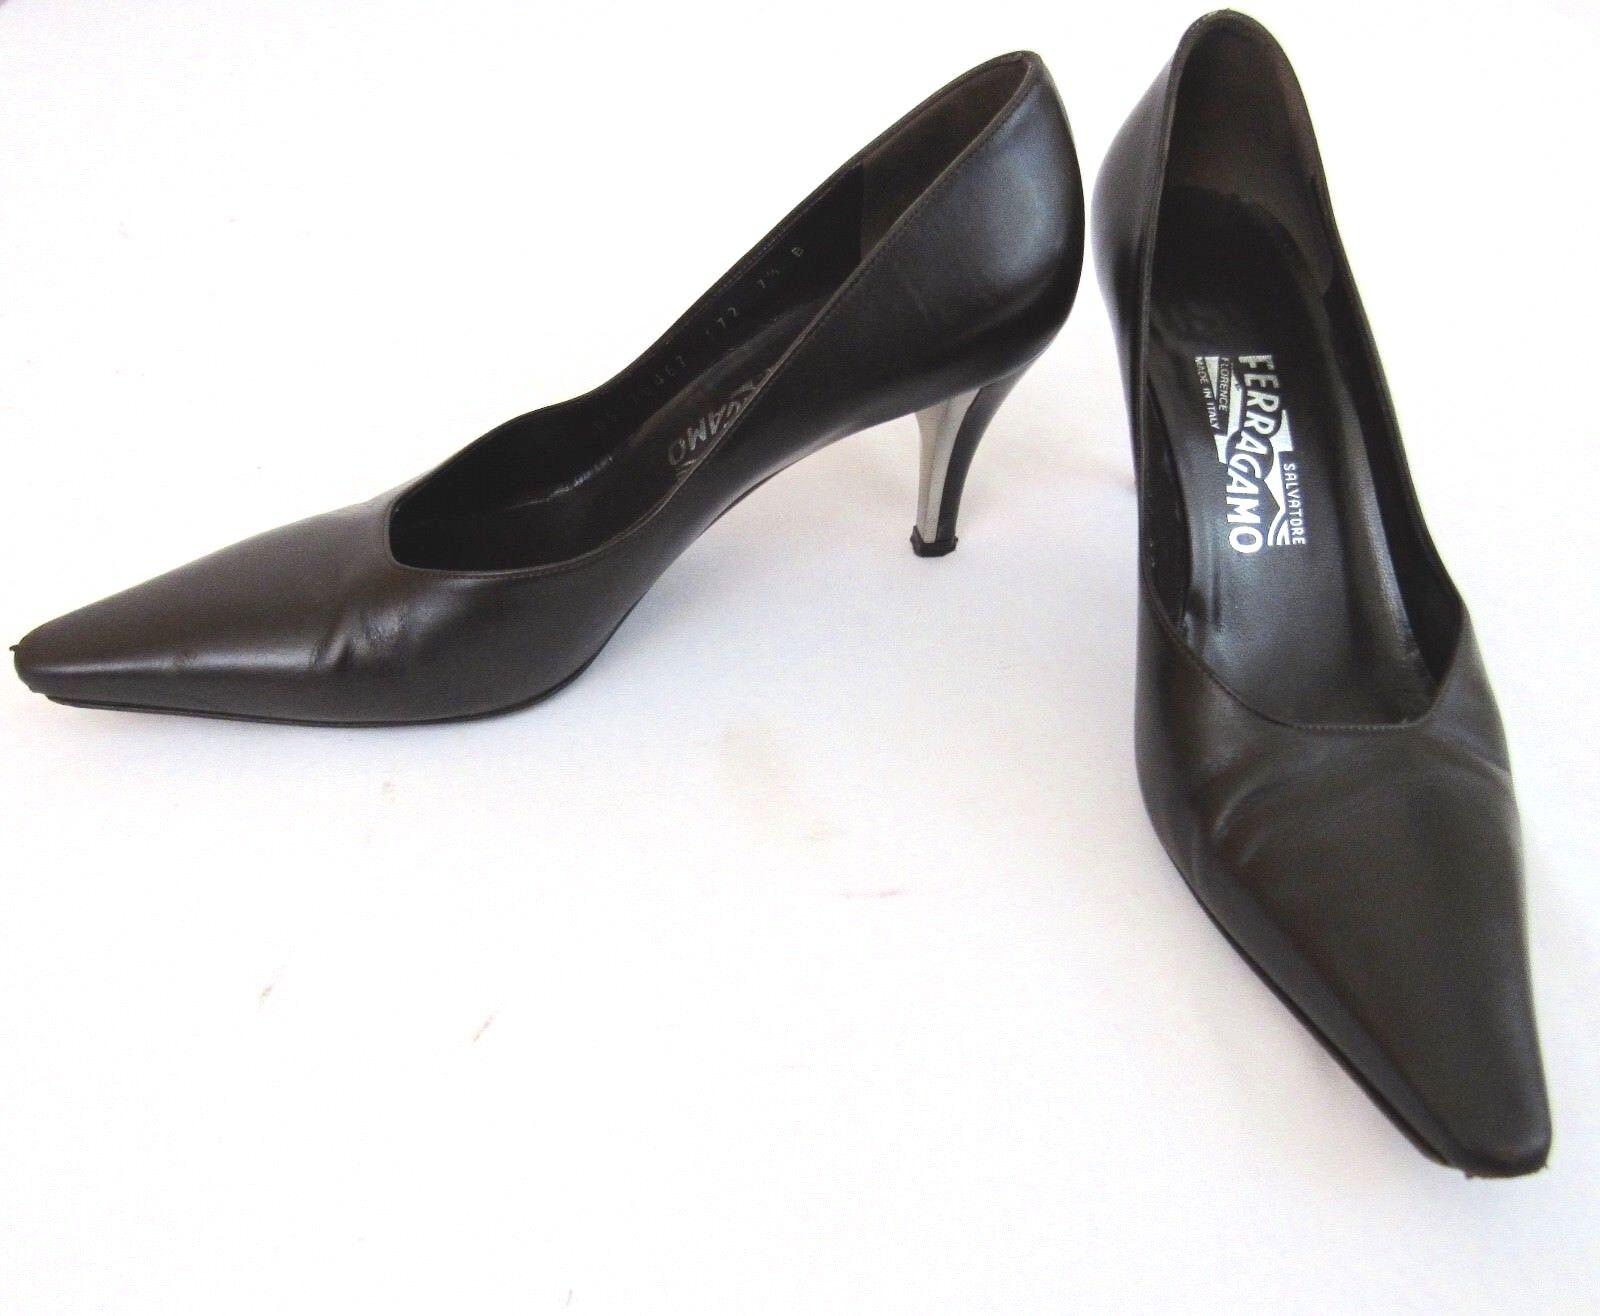 Salvatore Ferragamo Brown Leather Pumps size 7.5